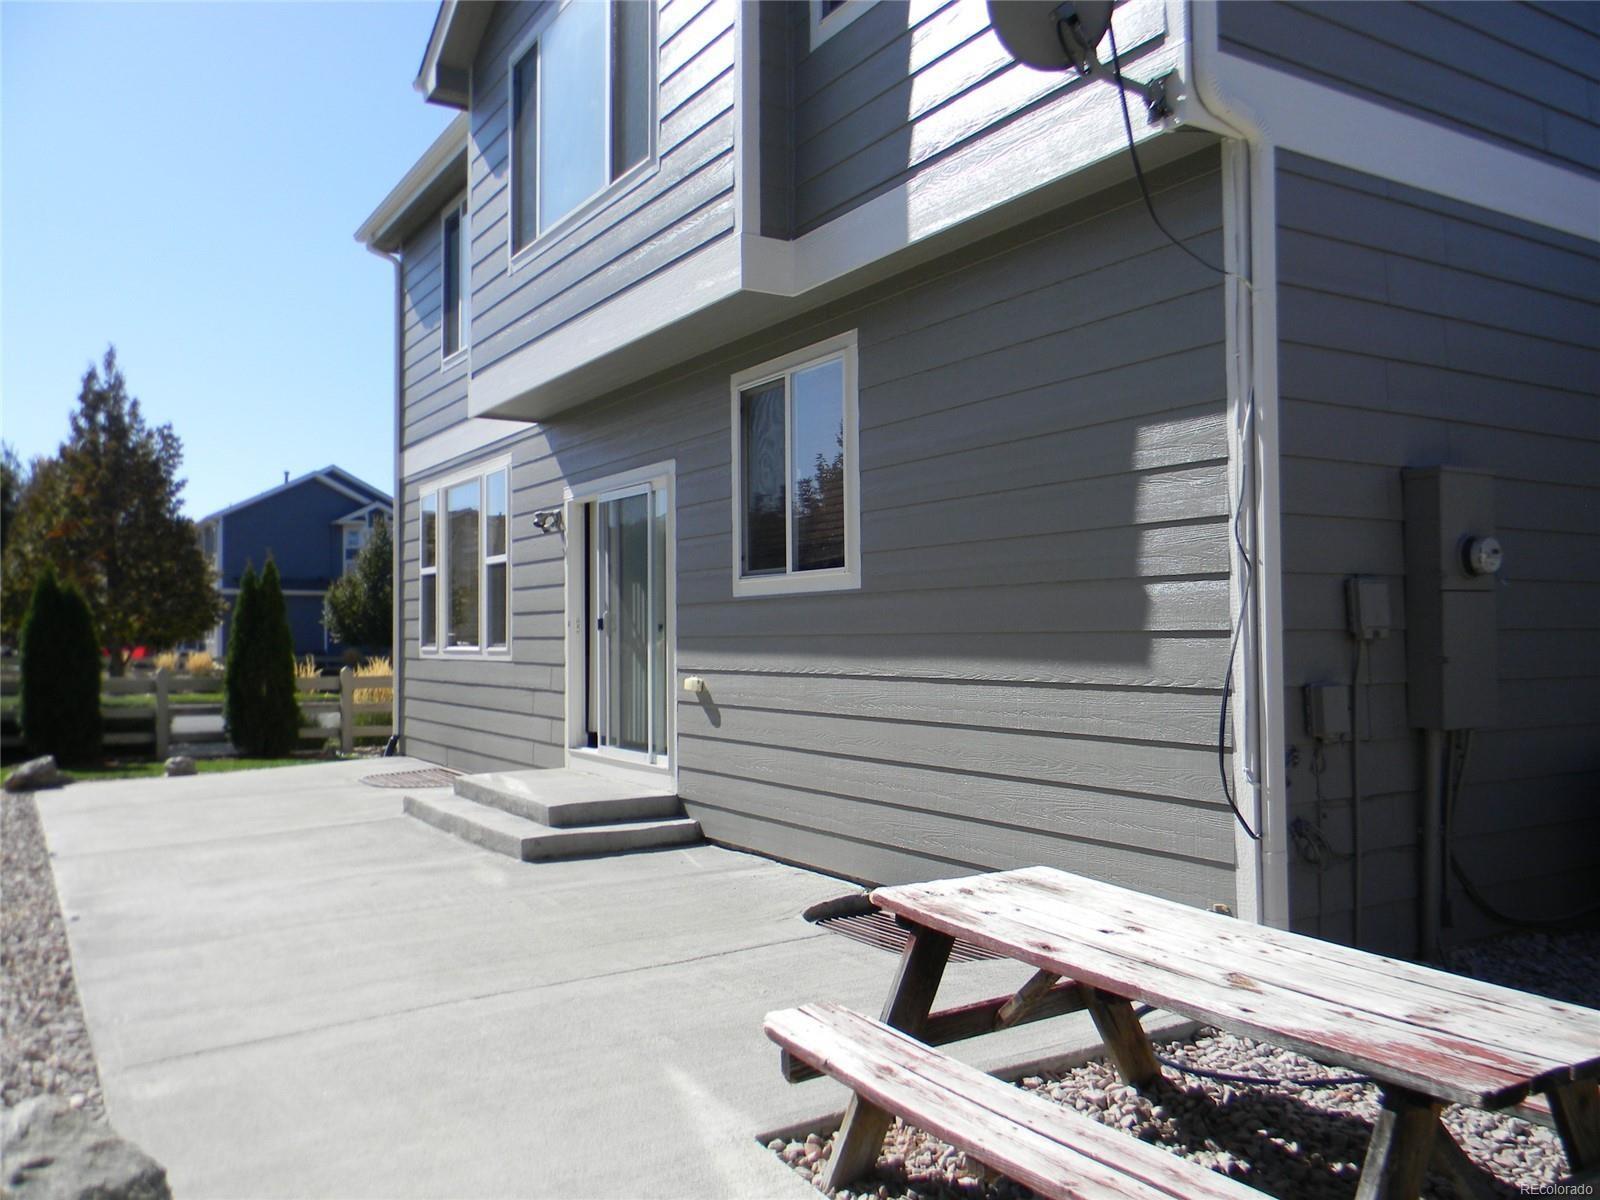 MLS# 1519576 - 3 - 10020 Jasper Street, Commerce City, CO 80022